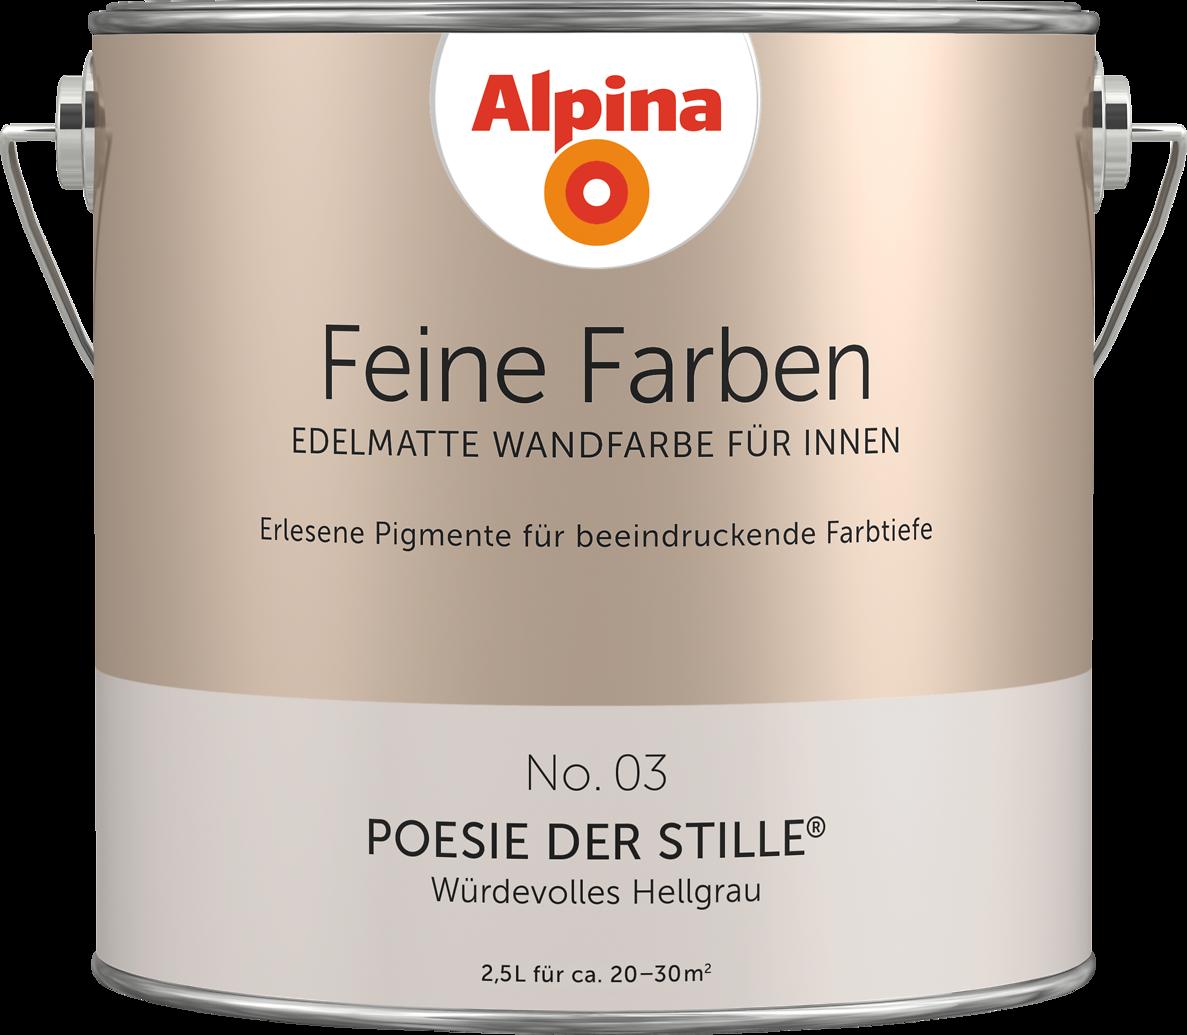 premium wandfarbe grau hellgrau alpina feine farben poesie der stille alpina farben